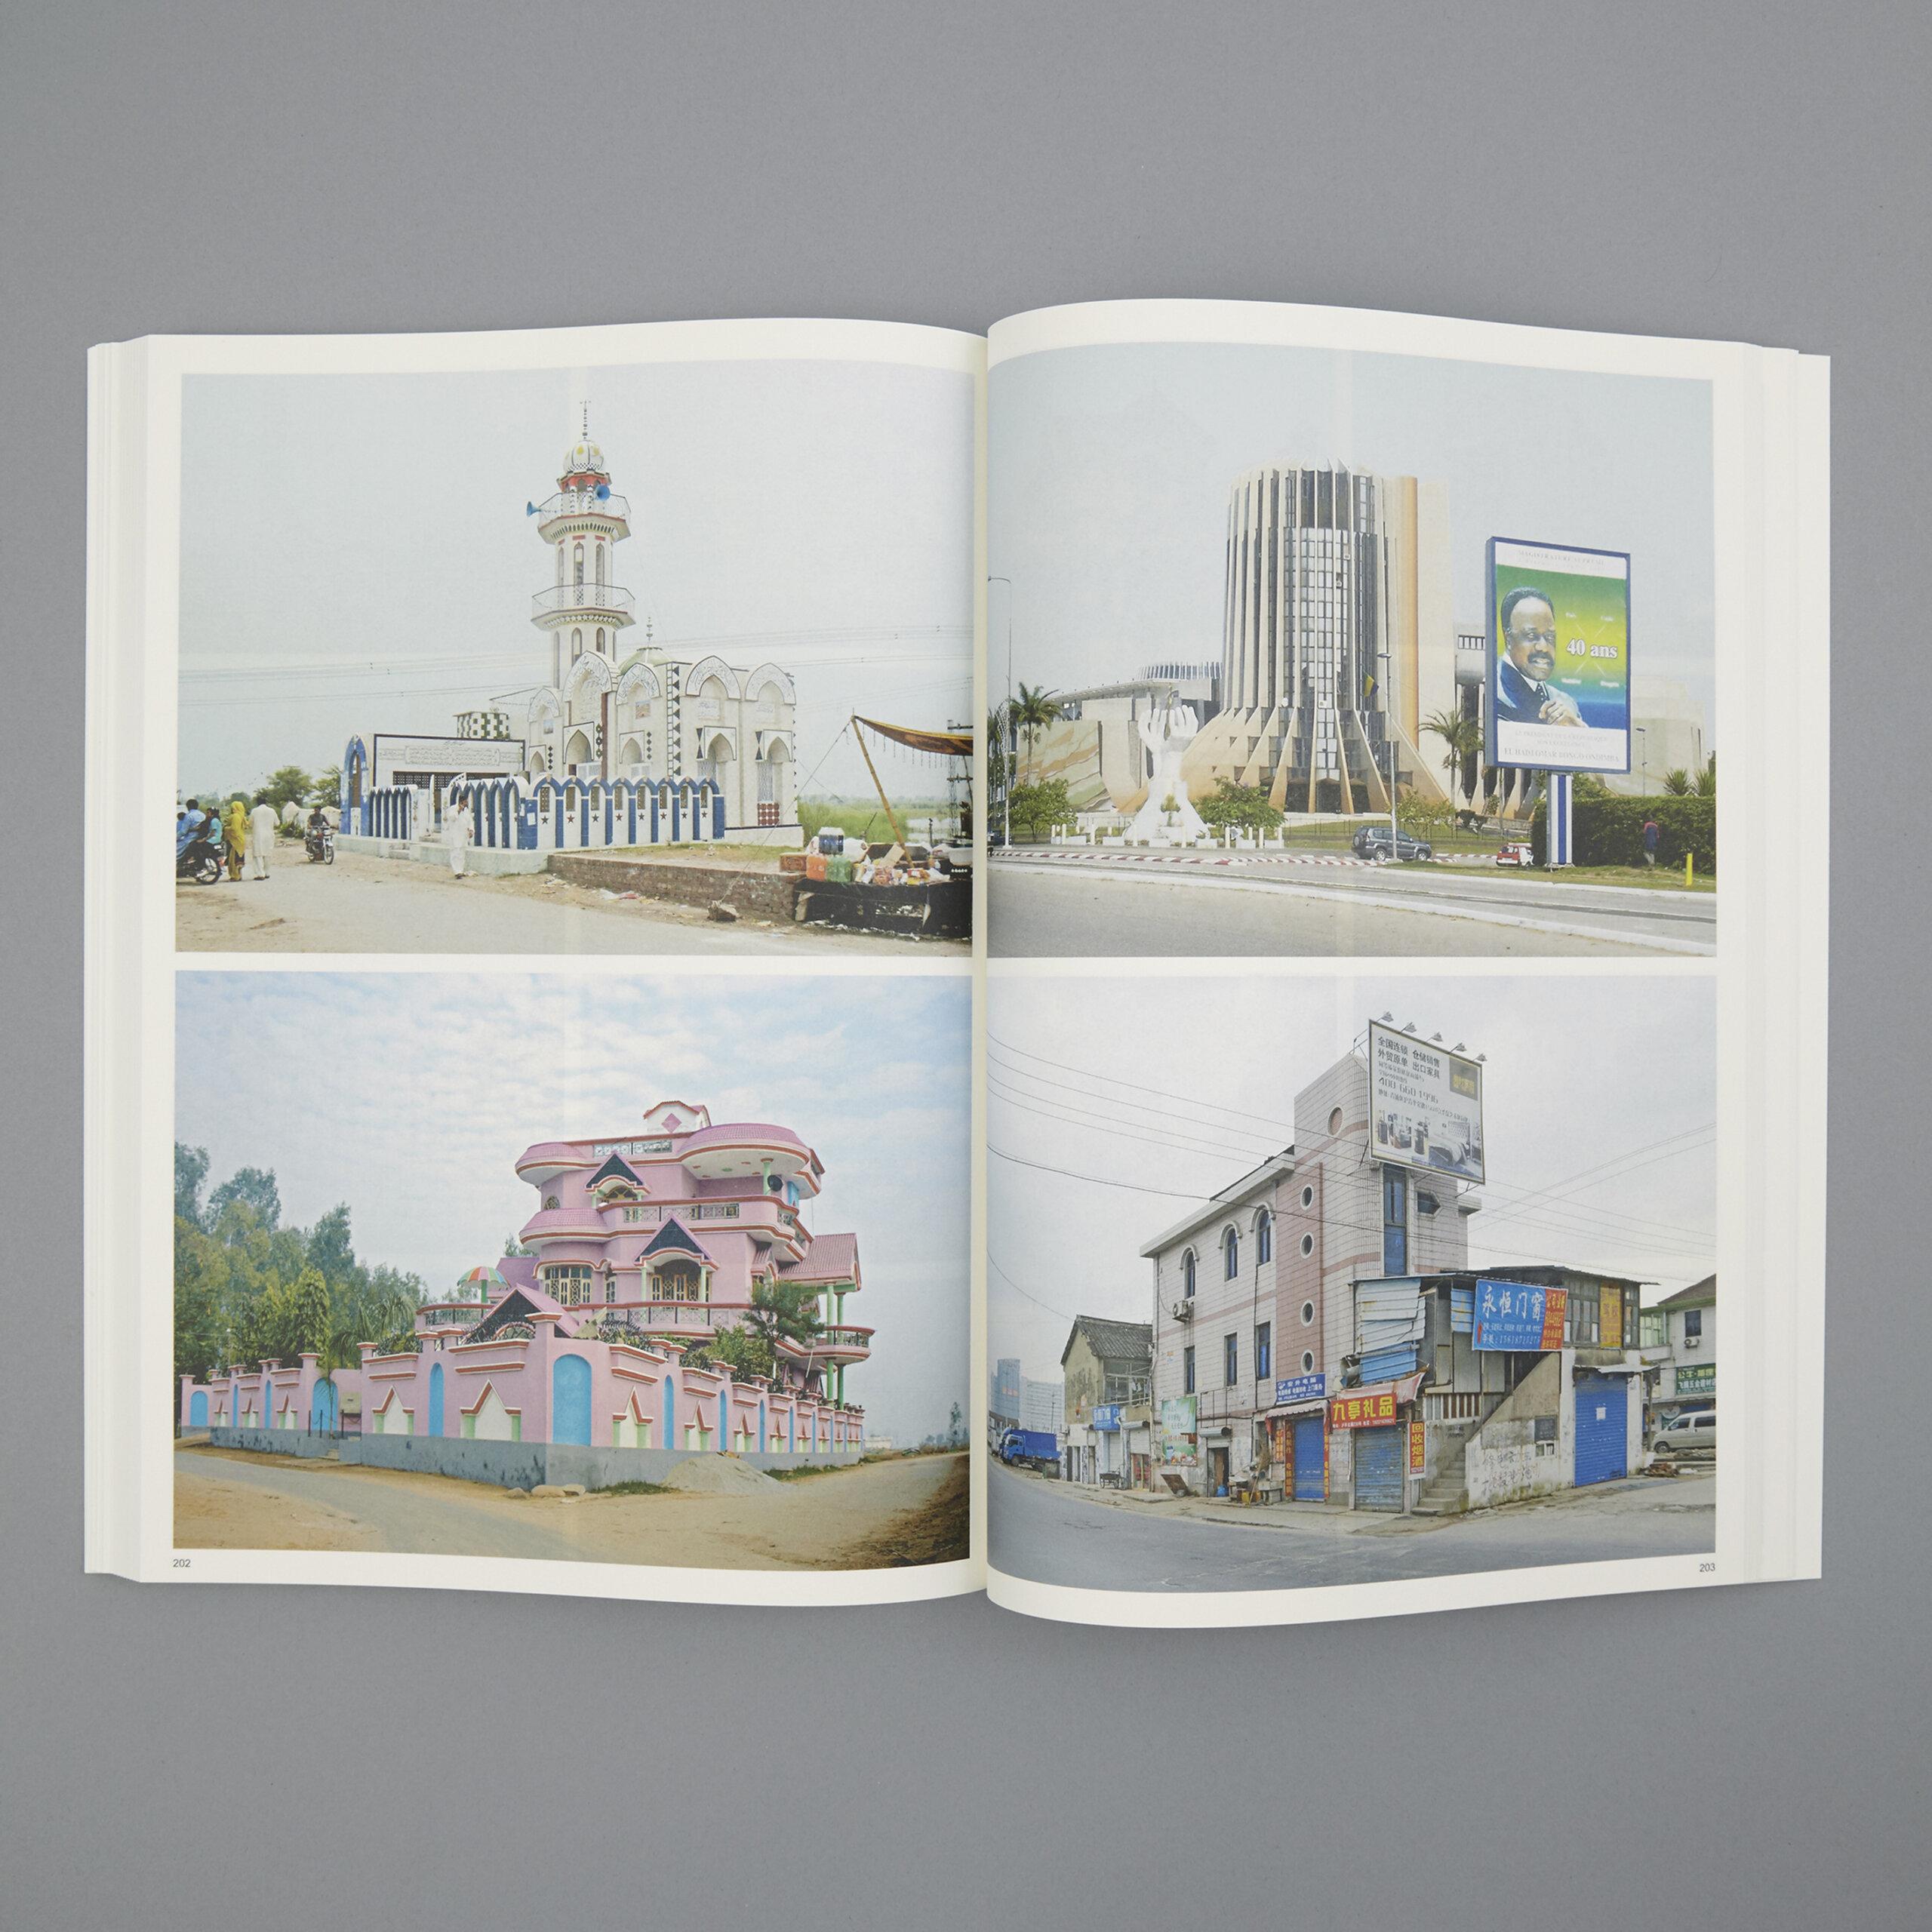 tabuchi-atlas-forms-delpire-co